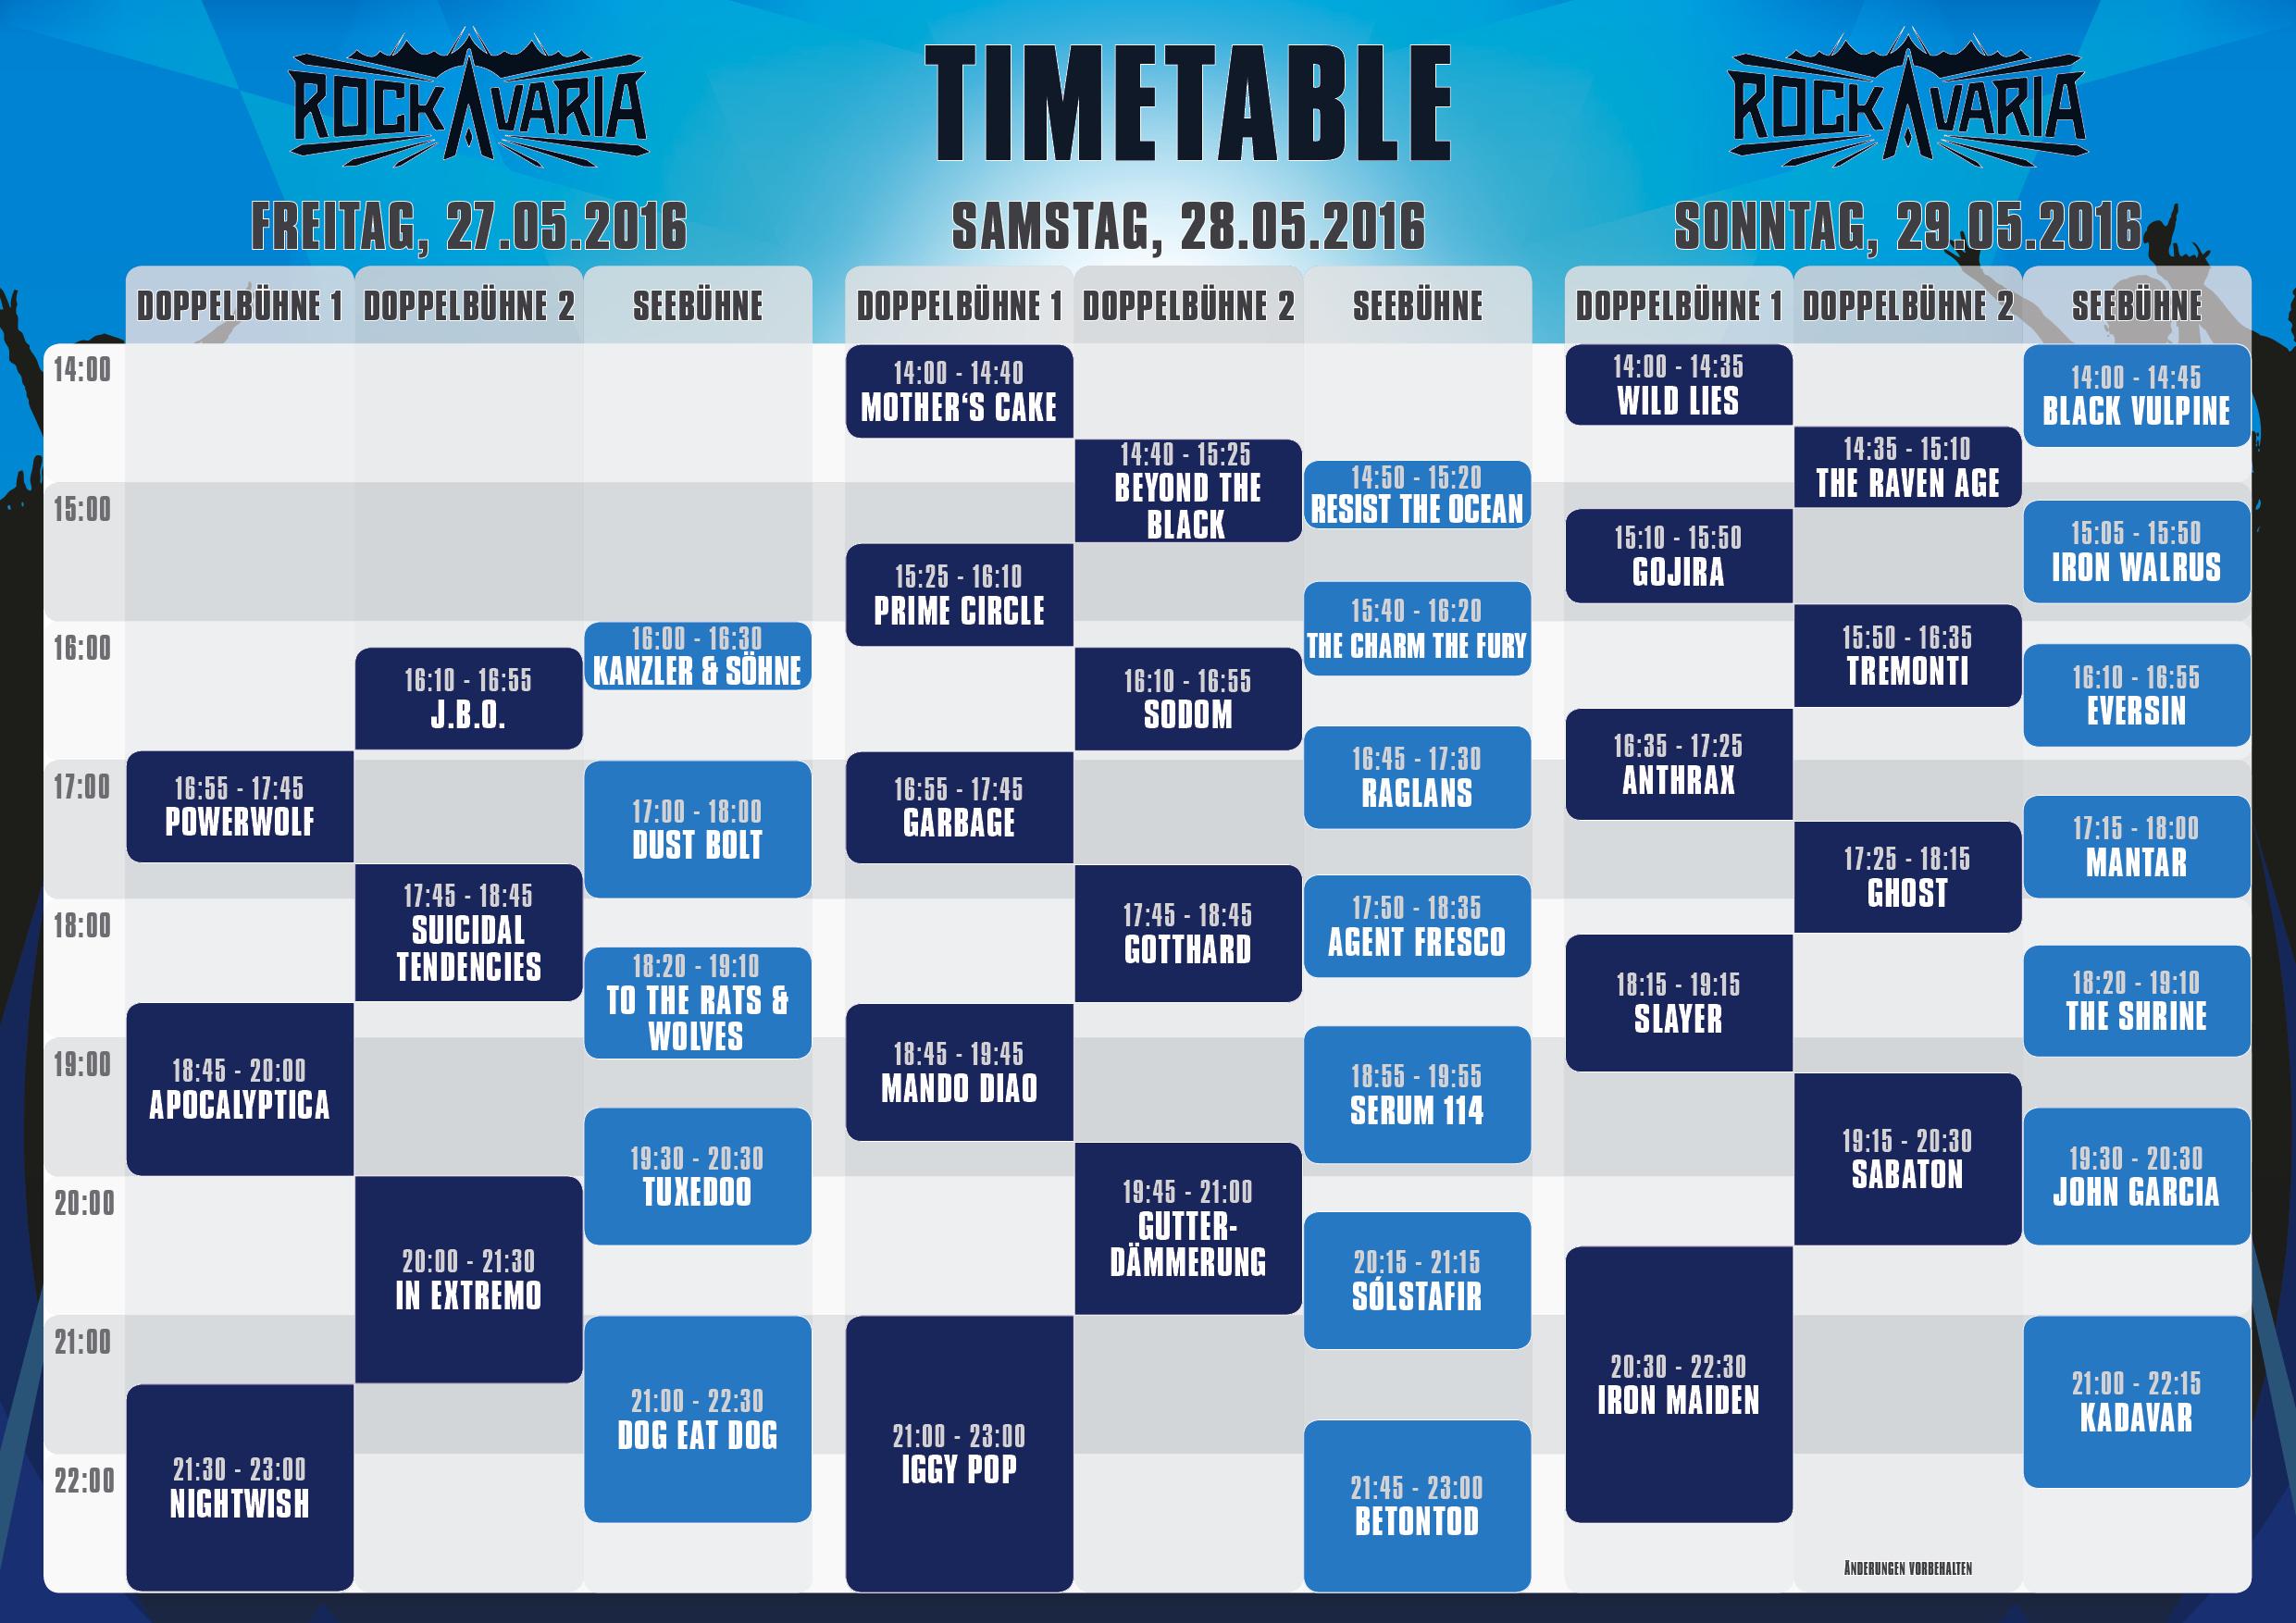 timetable_v10_20160520